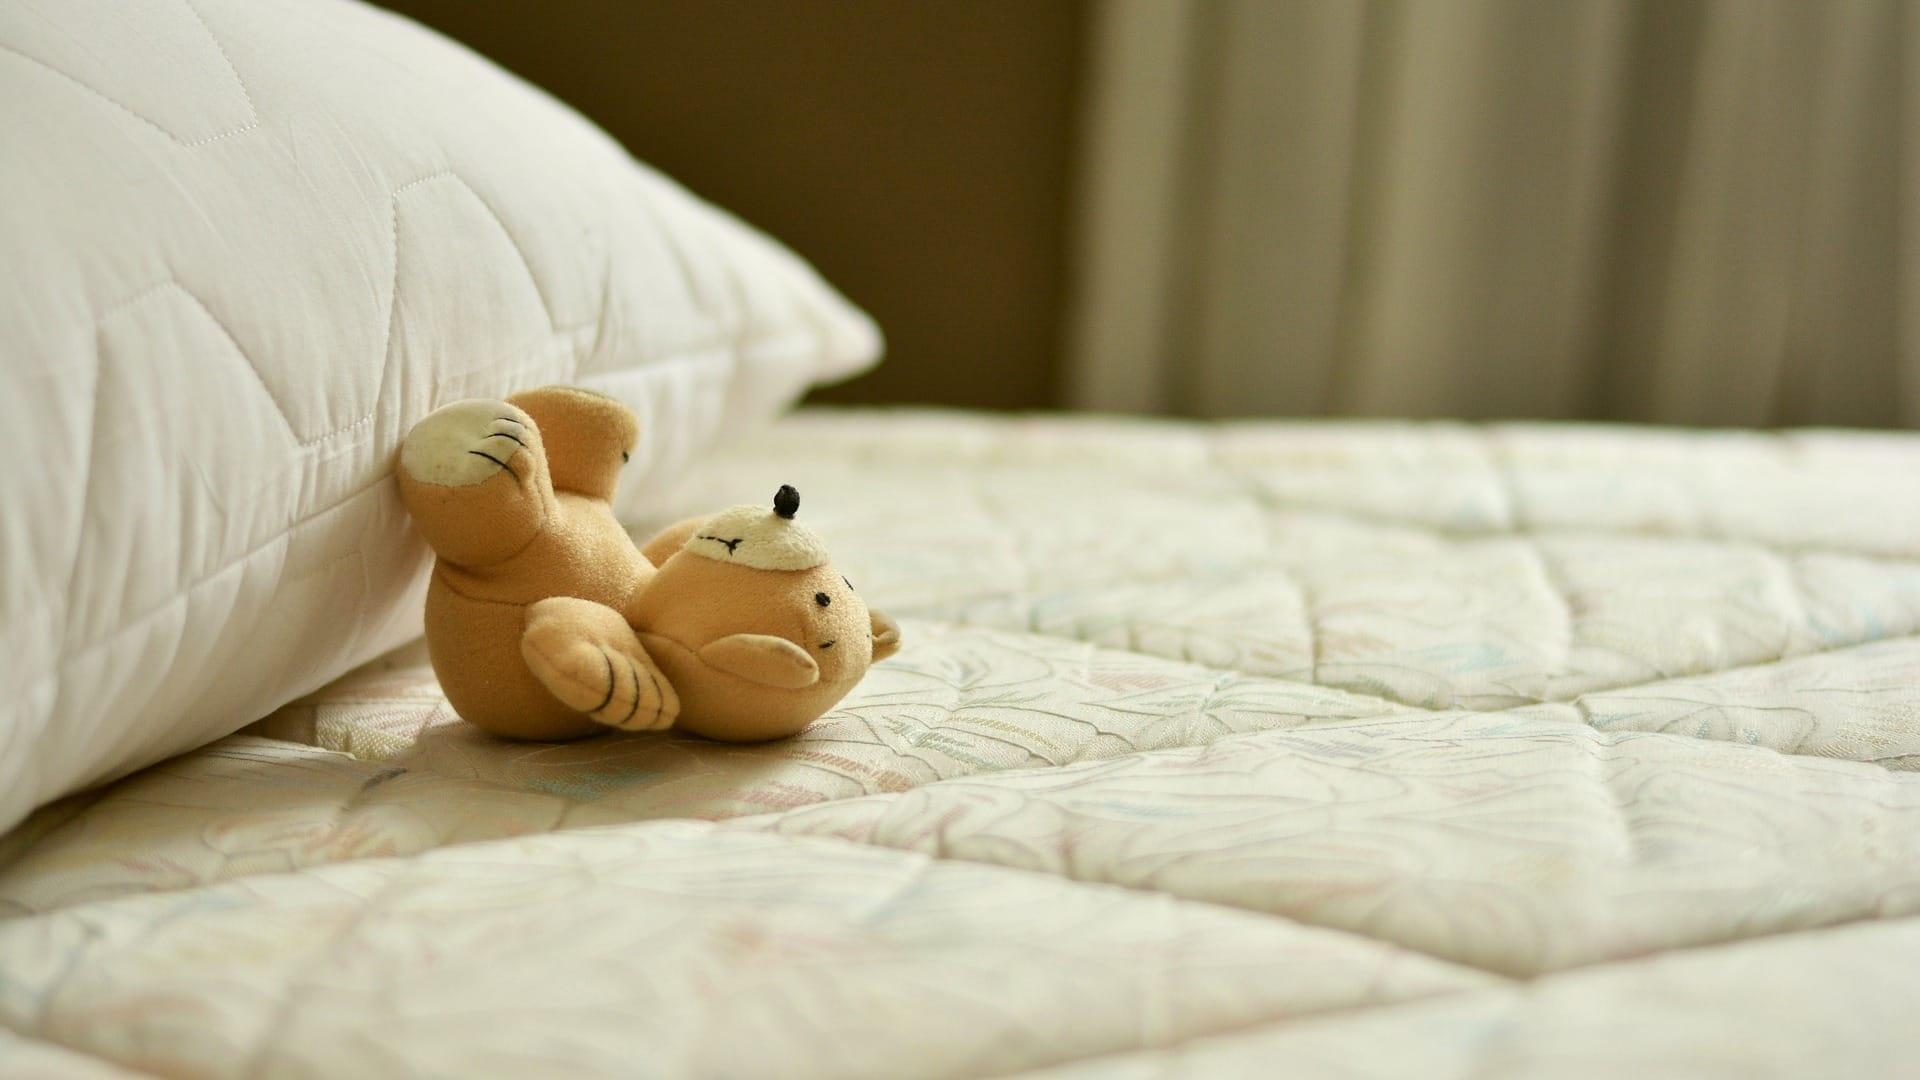 Manutenzione Materasso In Lattice i migliori 16 servizi di pulizia materassi a verona (con